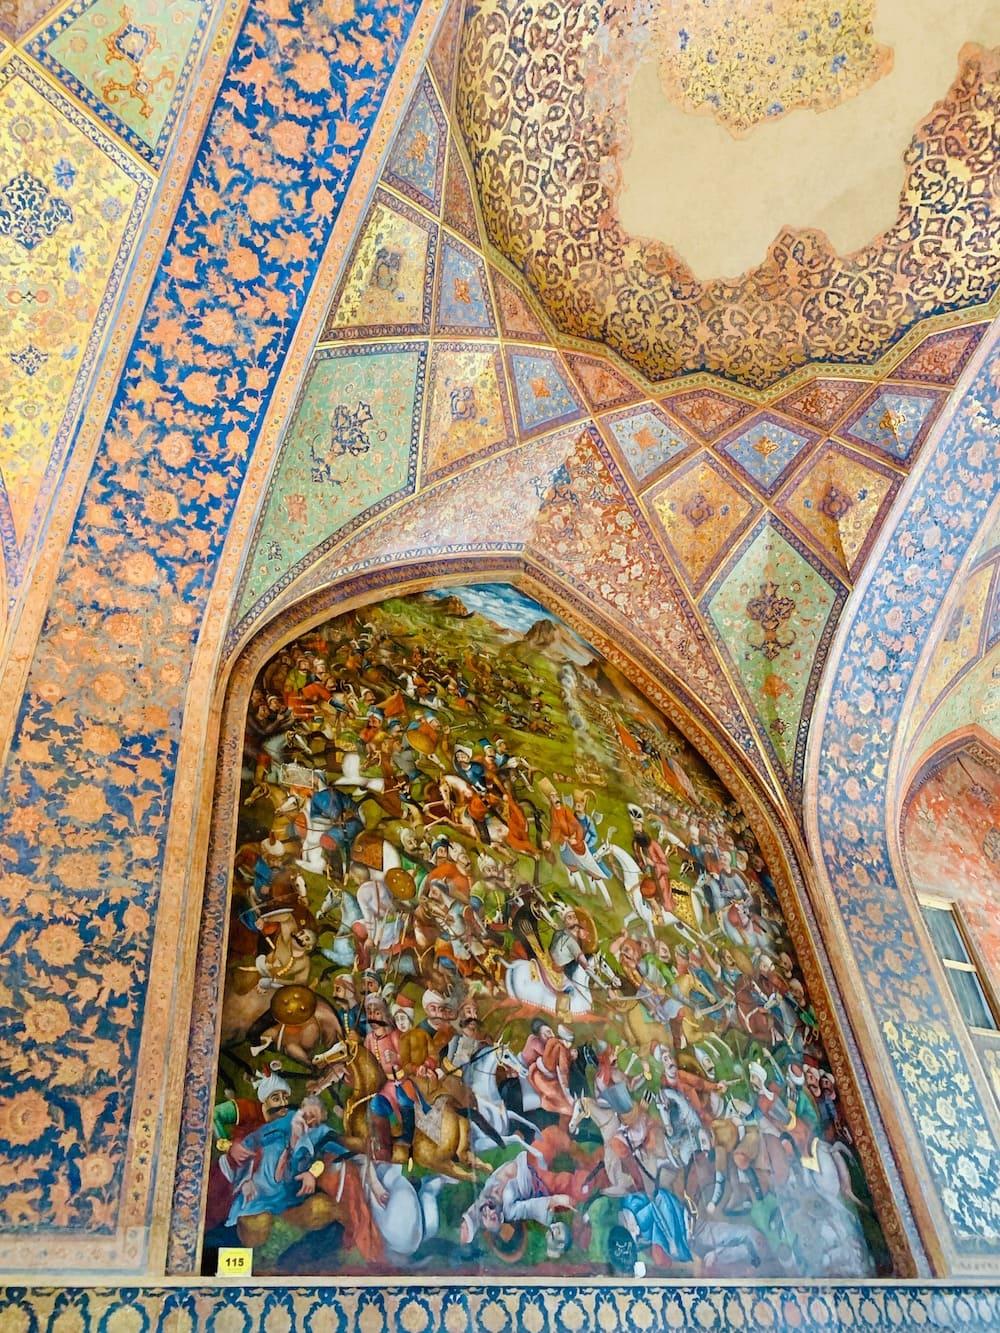 iran unesco world heritage sites